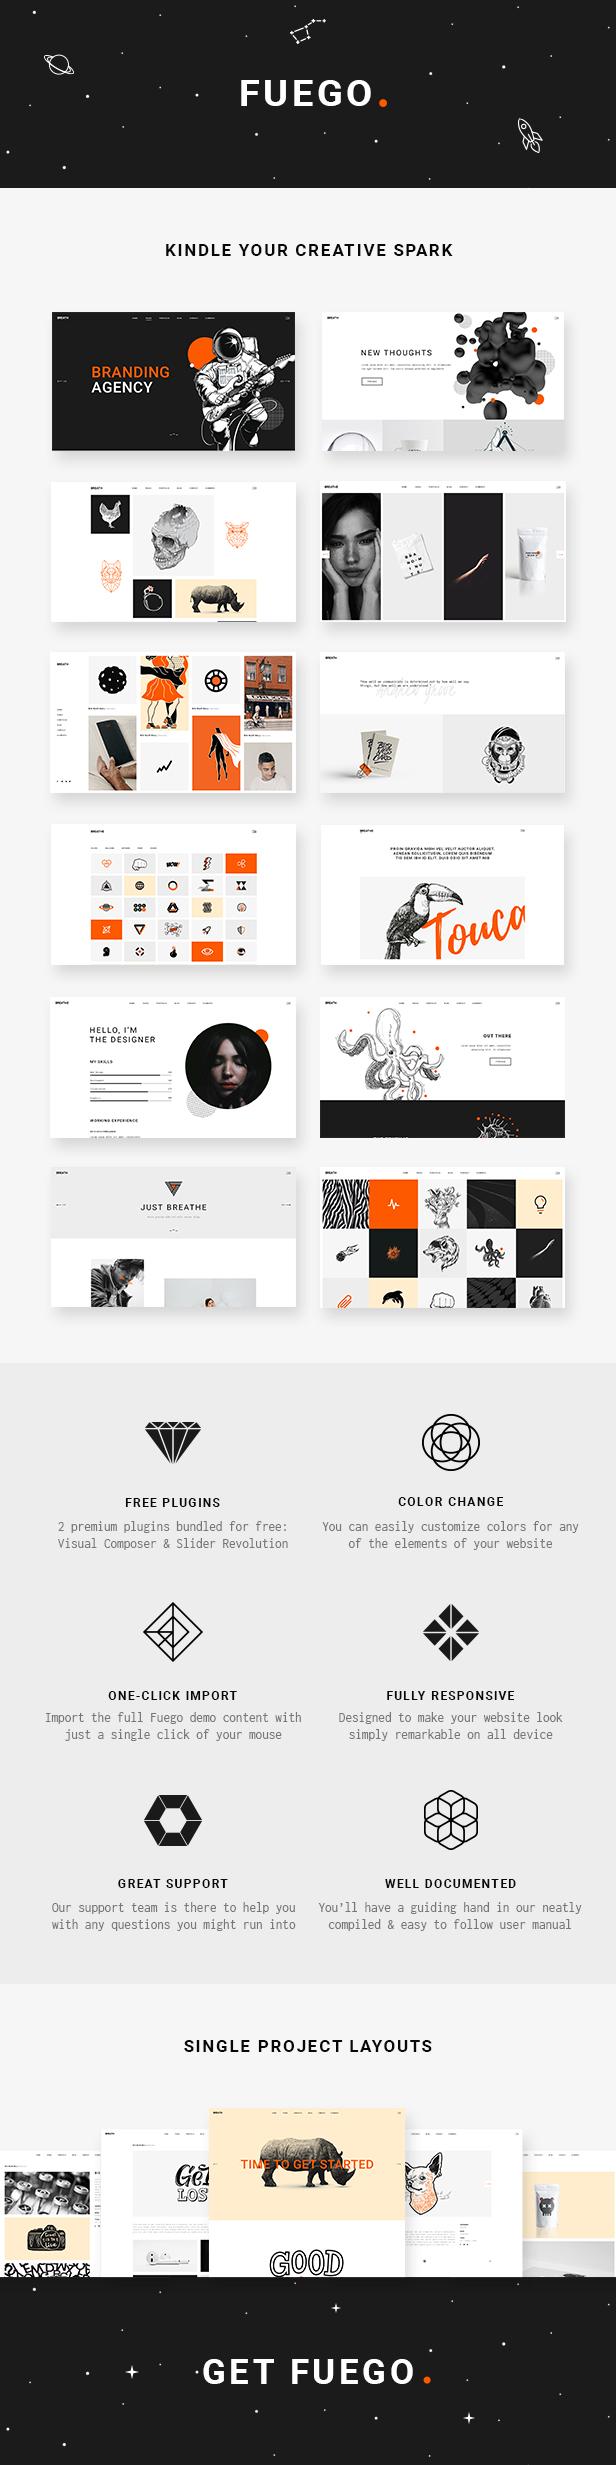 Fuego - A Creative Portfolio Theme for Designers and Agencies - 1